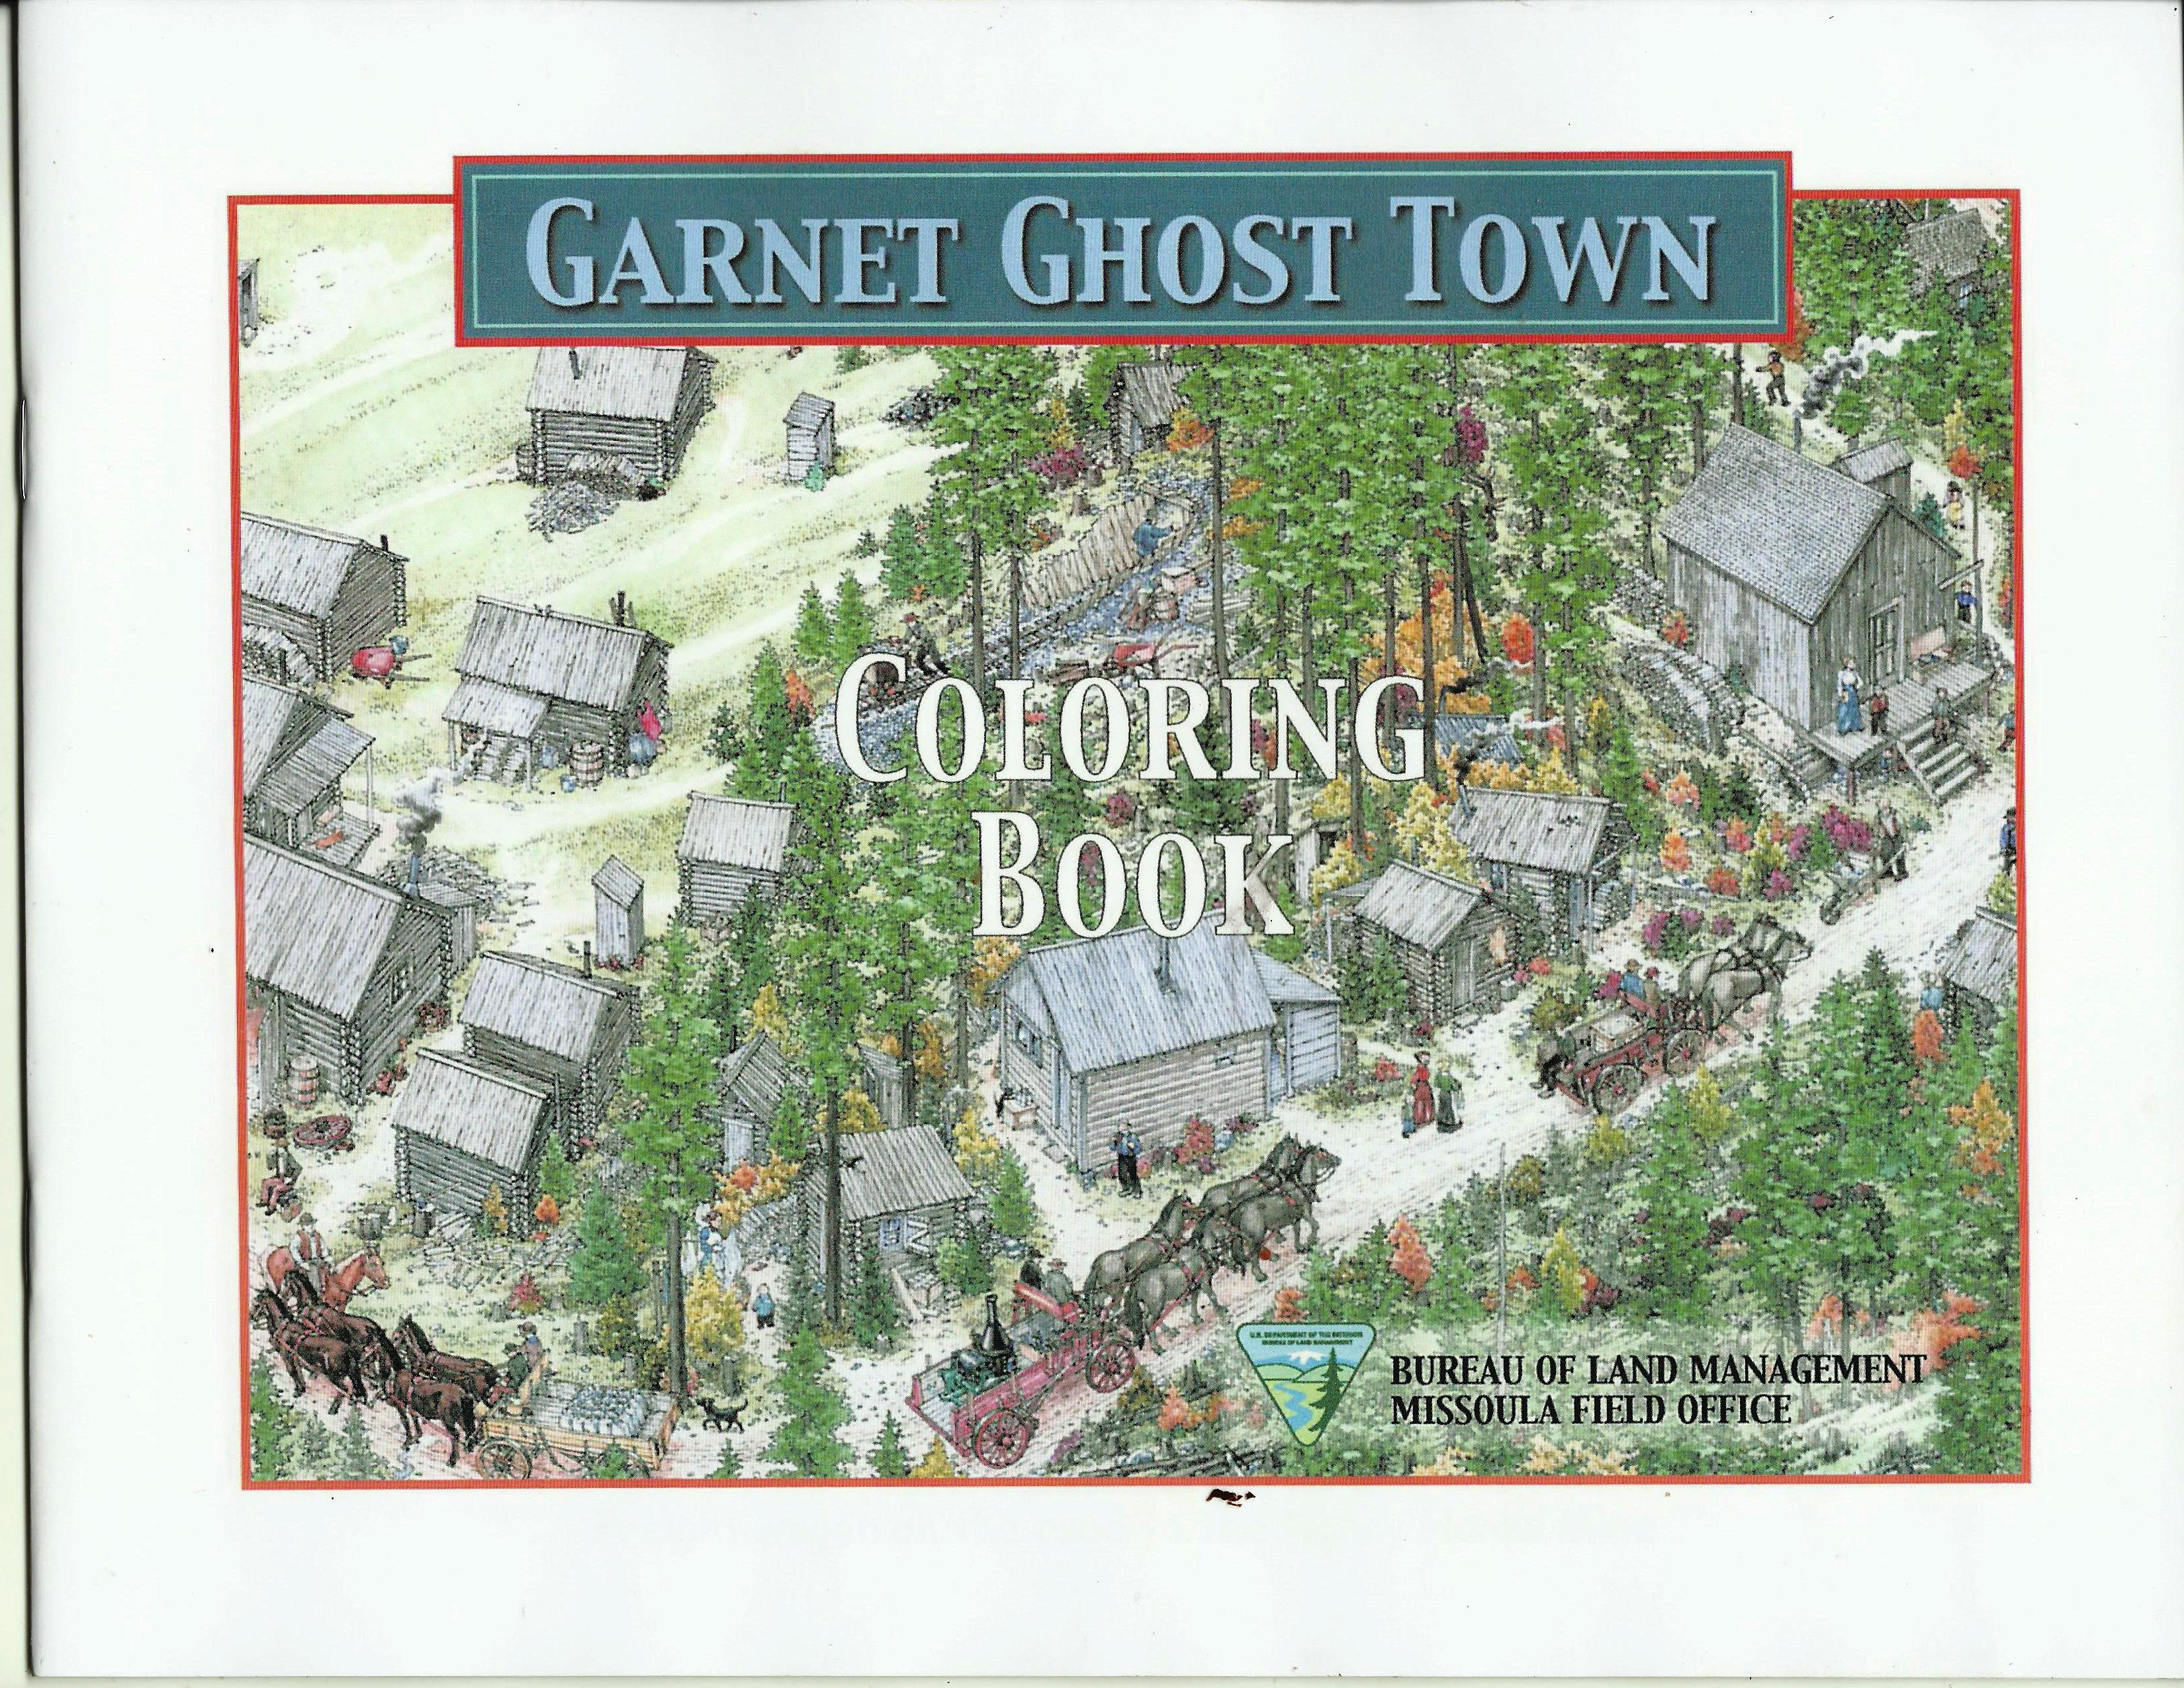 Garnet Coloring Book